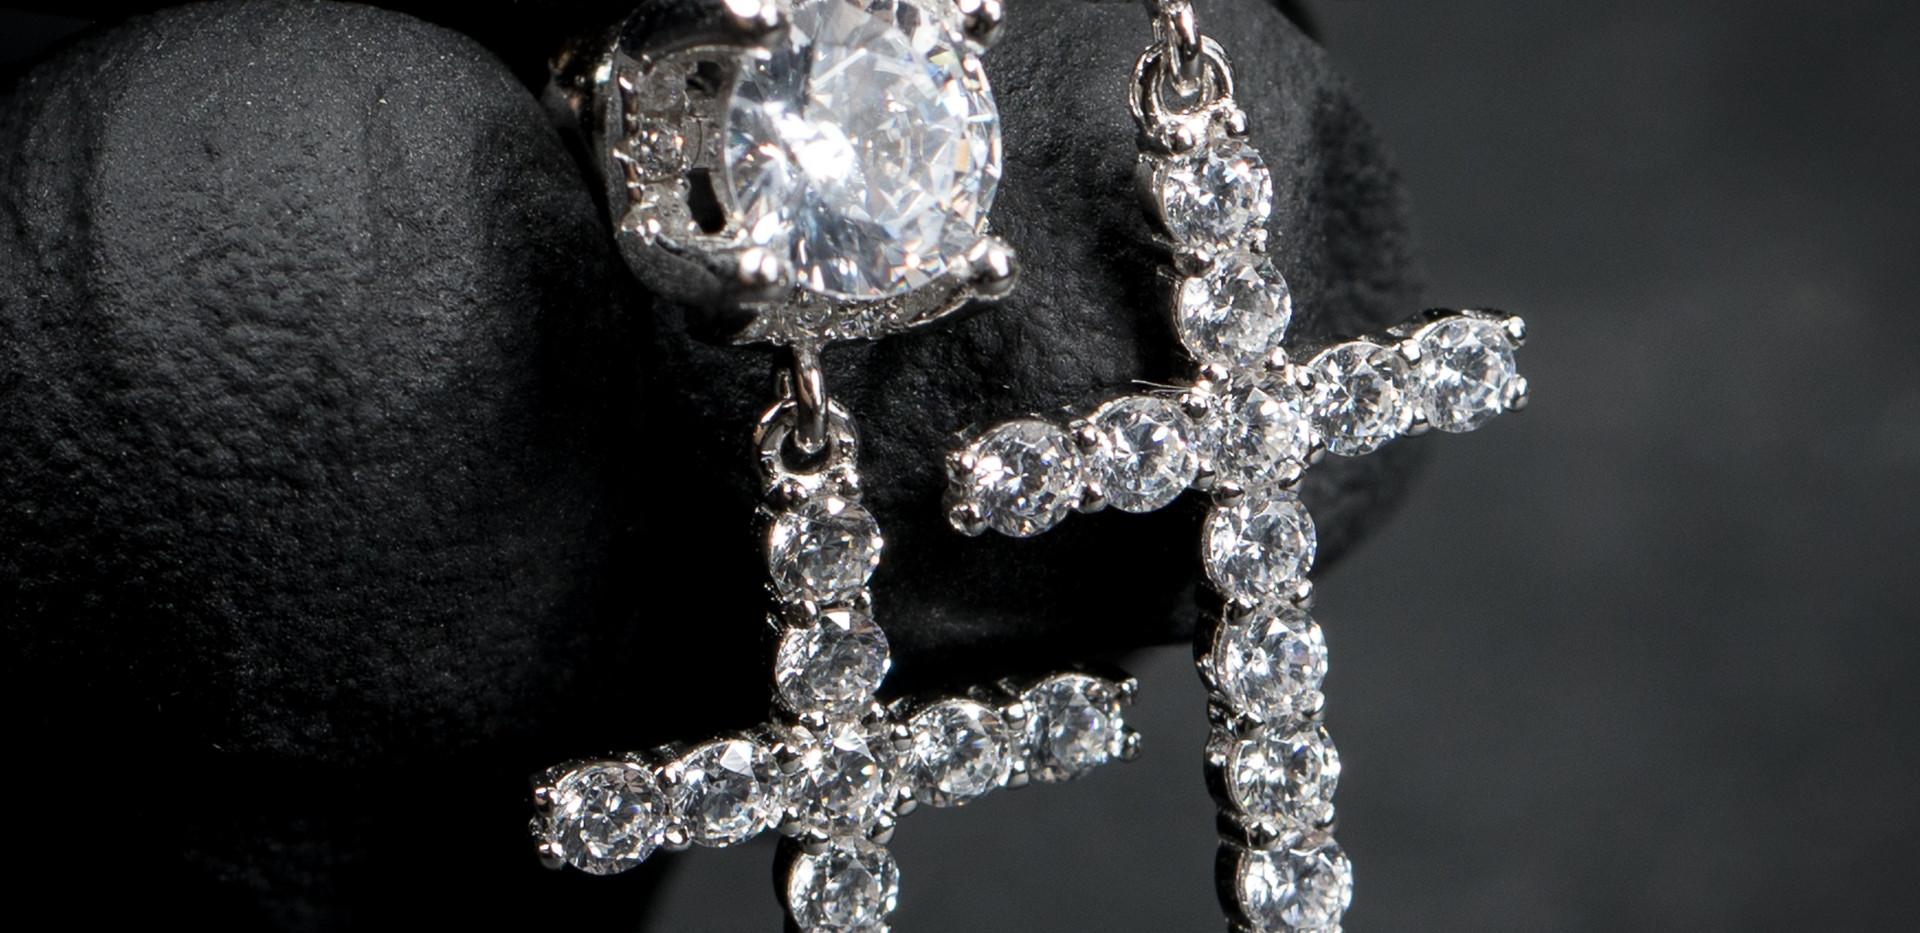 Stud Cross Earrings Designed By. Tim Da Jeweler